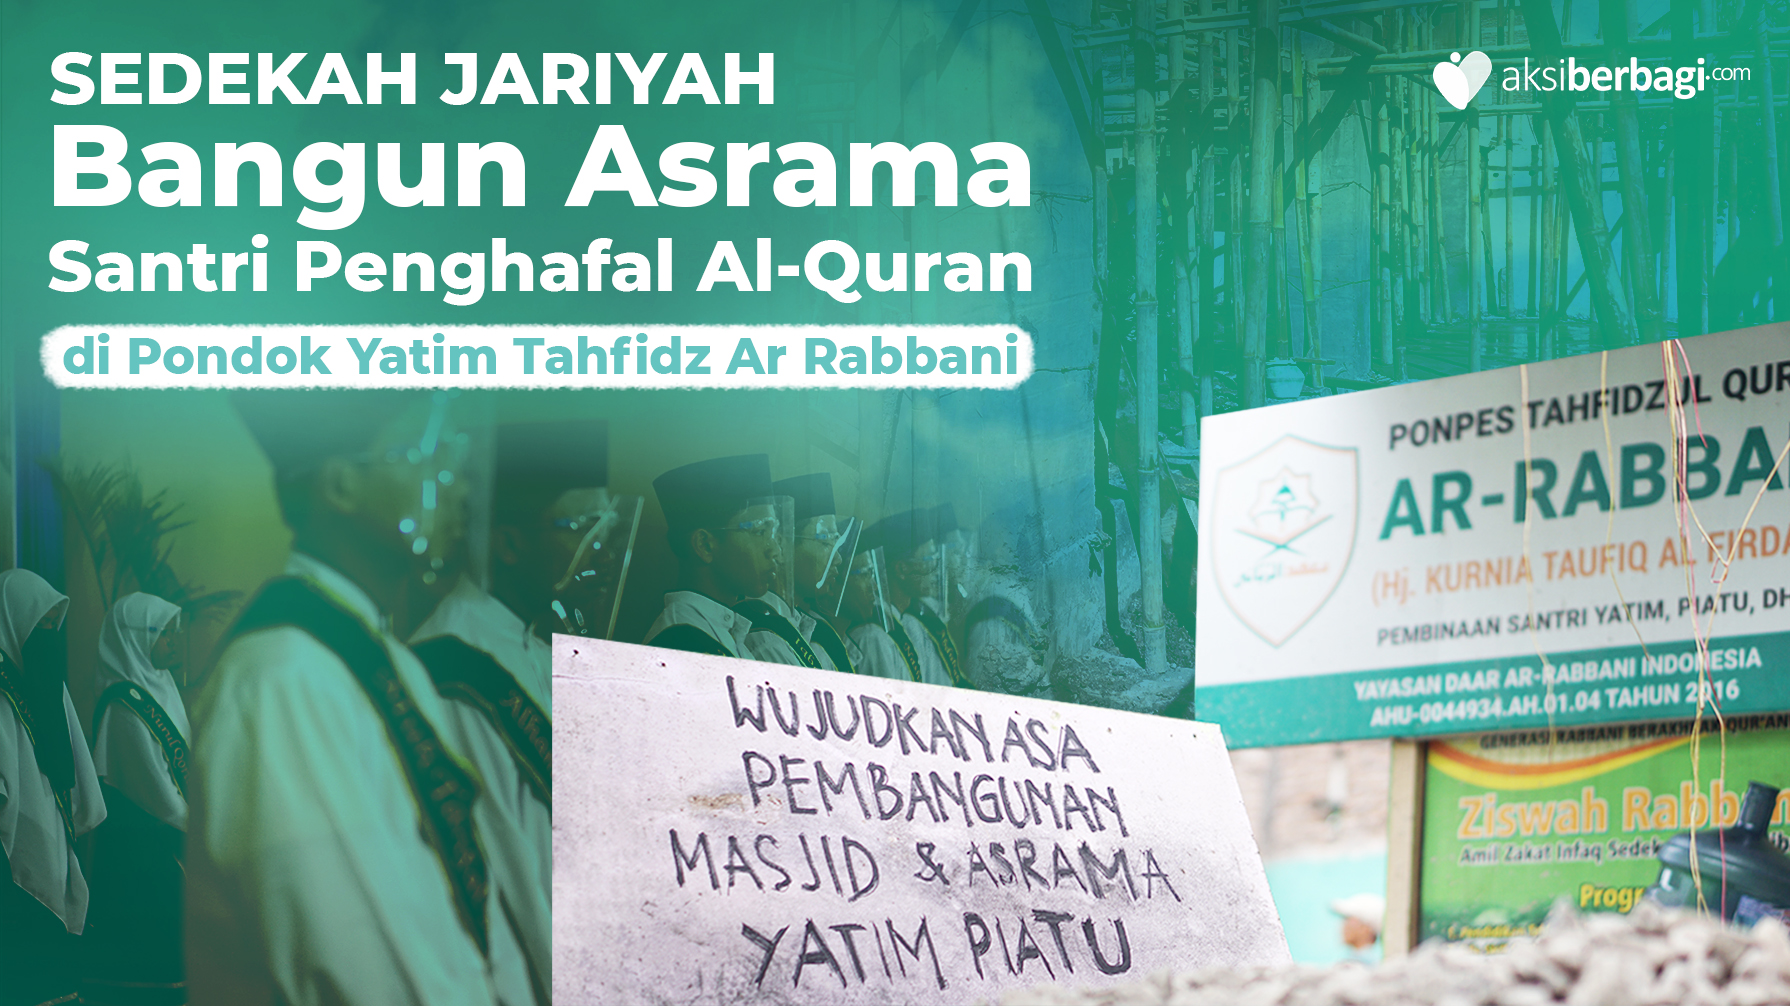 Sedekah Jariah: Wujudkan Masjid dan Asrama Yatim Tahfidz Pesantren Yatim Dhuafa Ar Rabbani